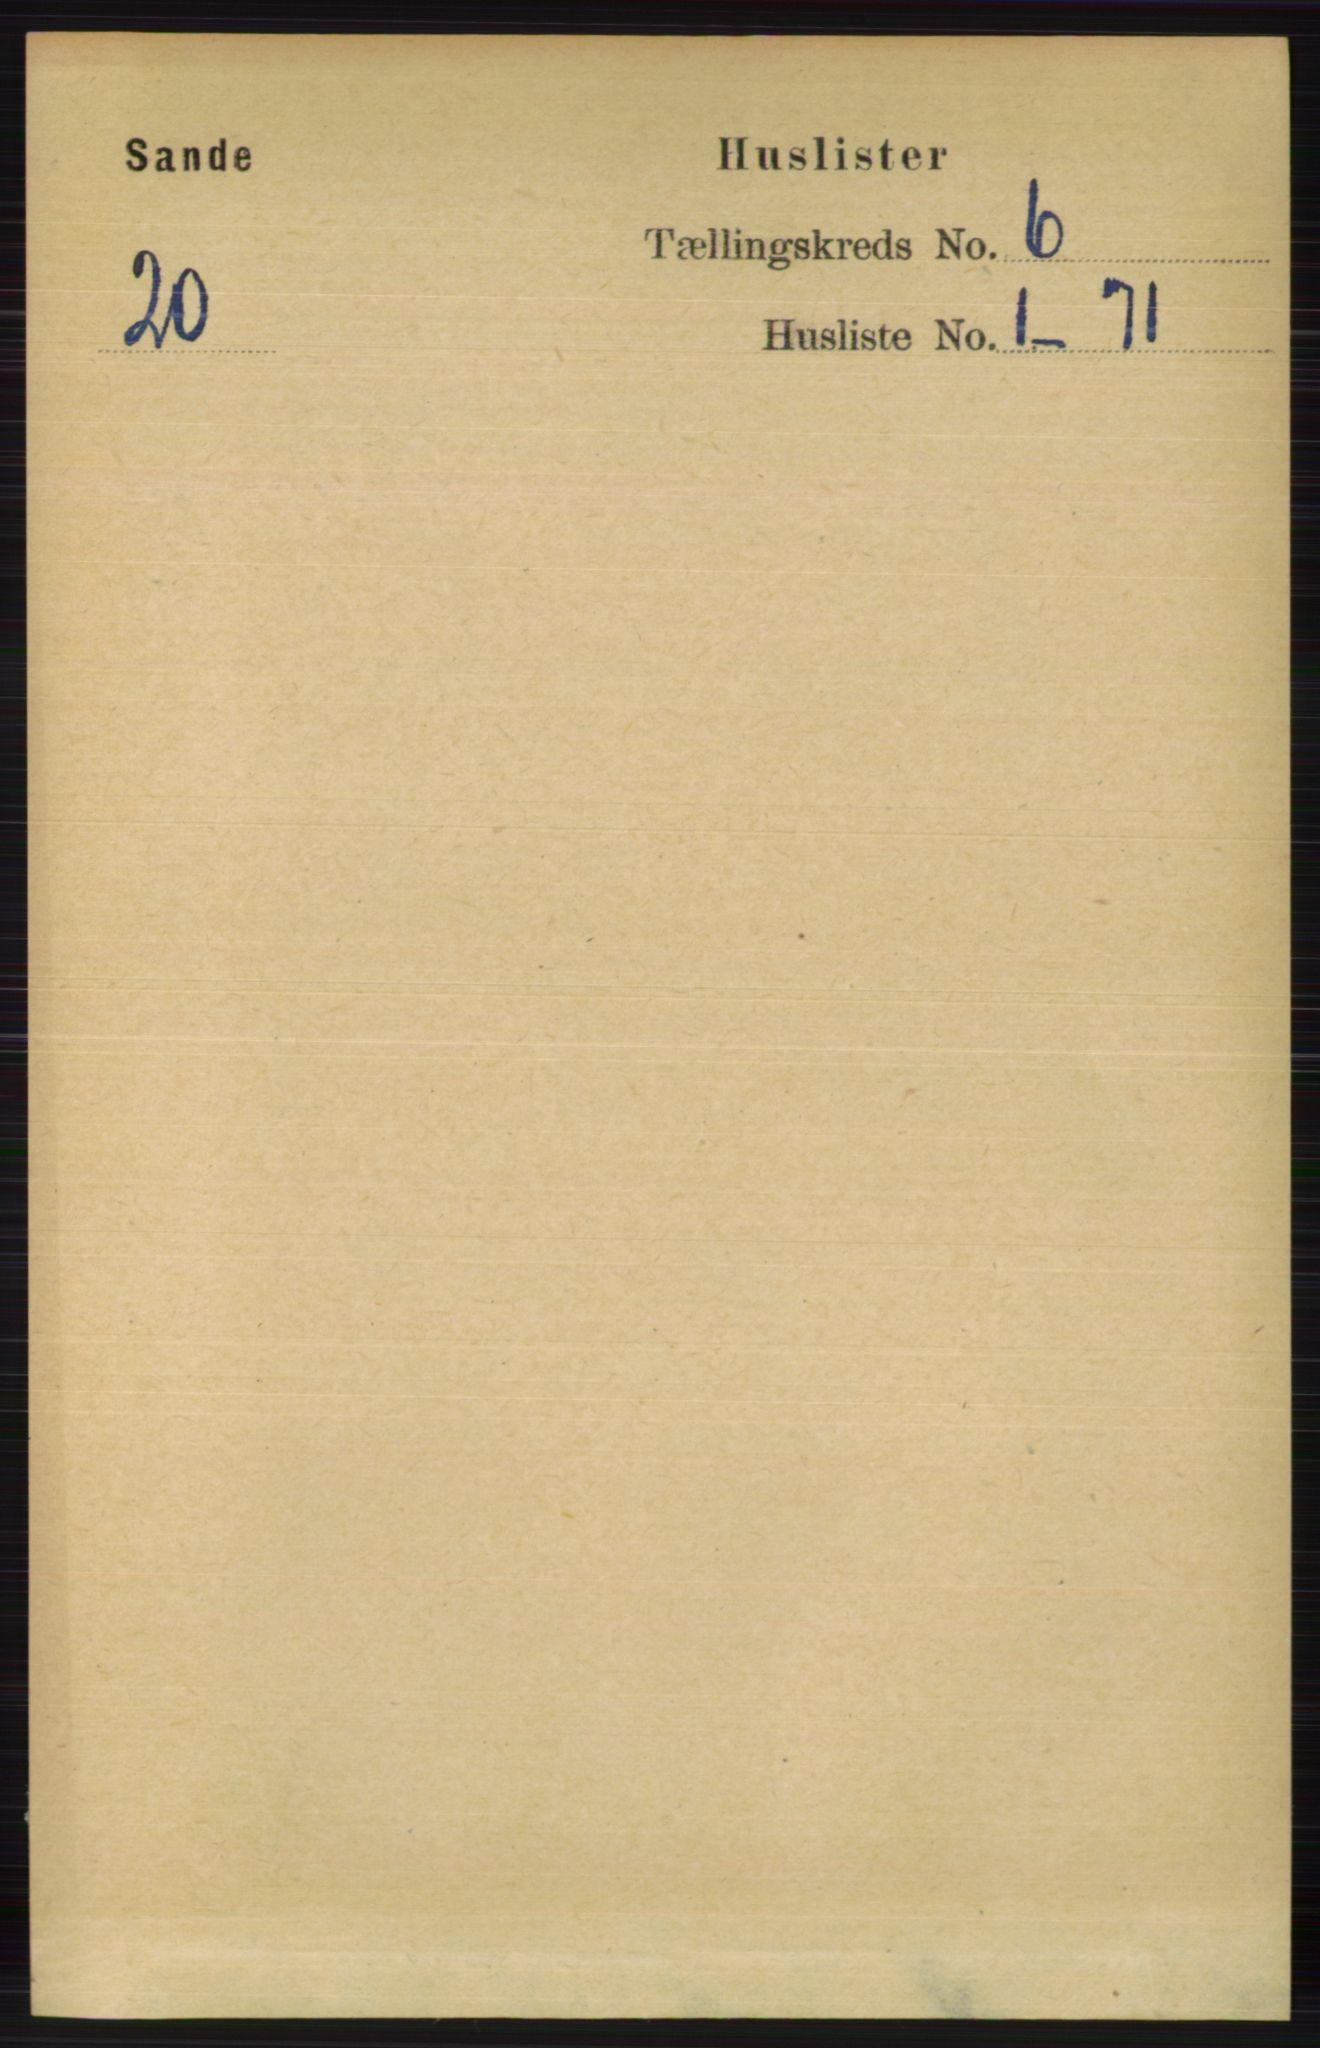 RA, Folketelling 1891 for 0713 Sande herred, 1891, s. 2609